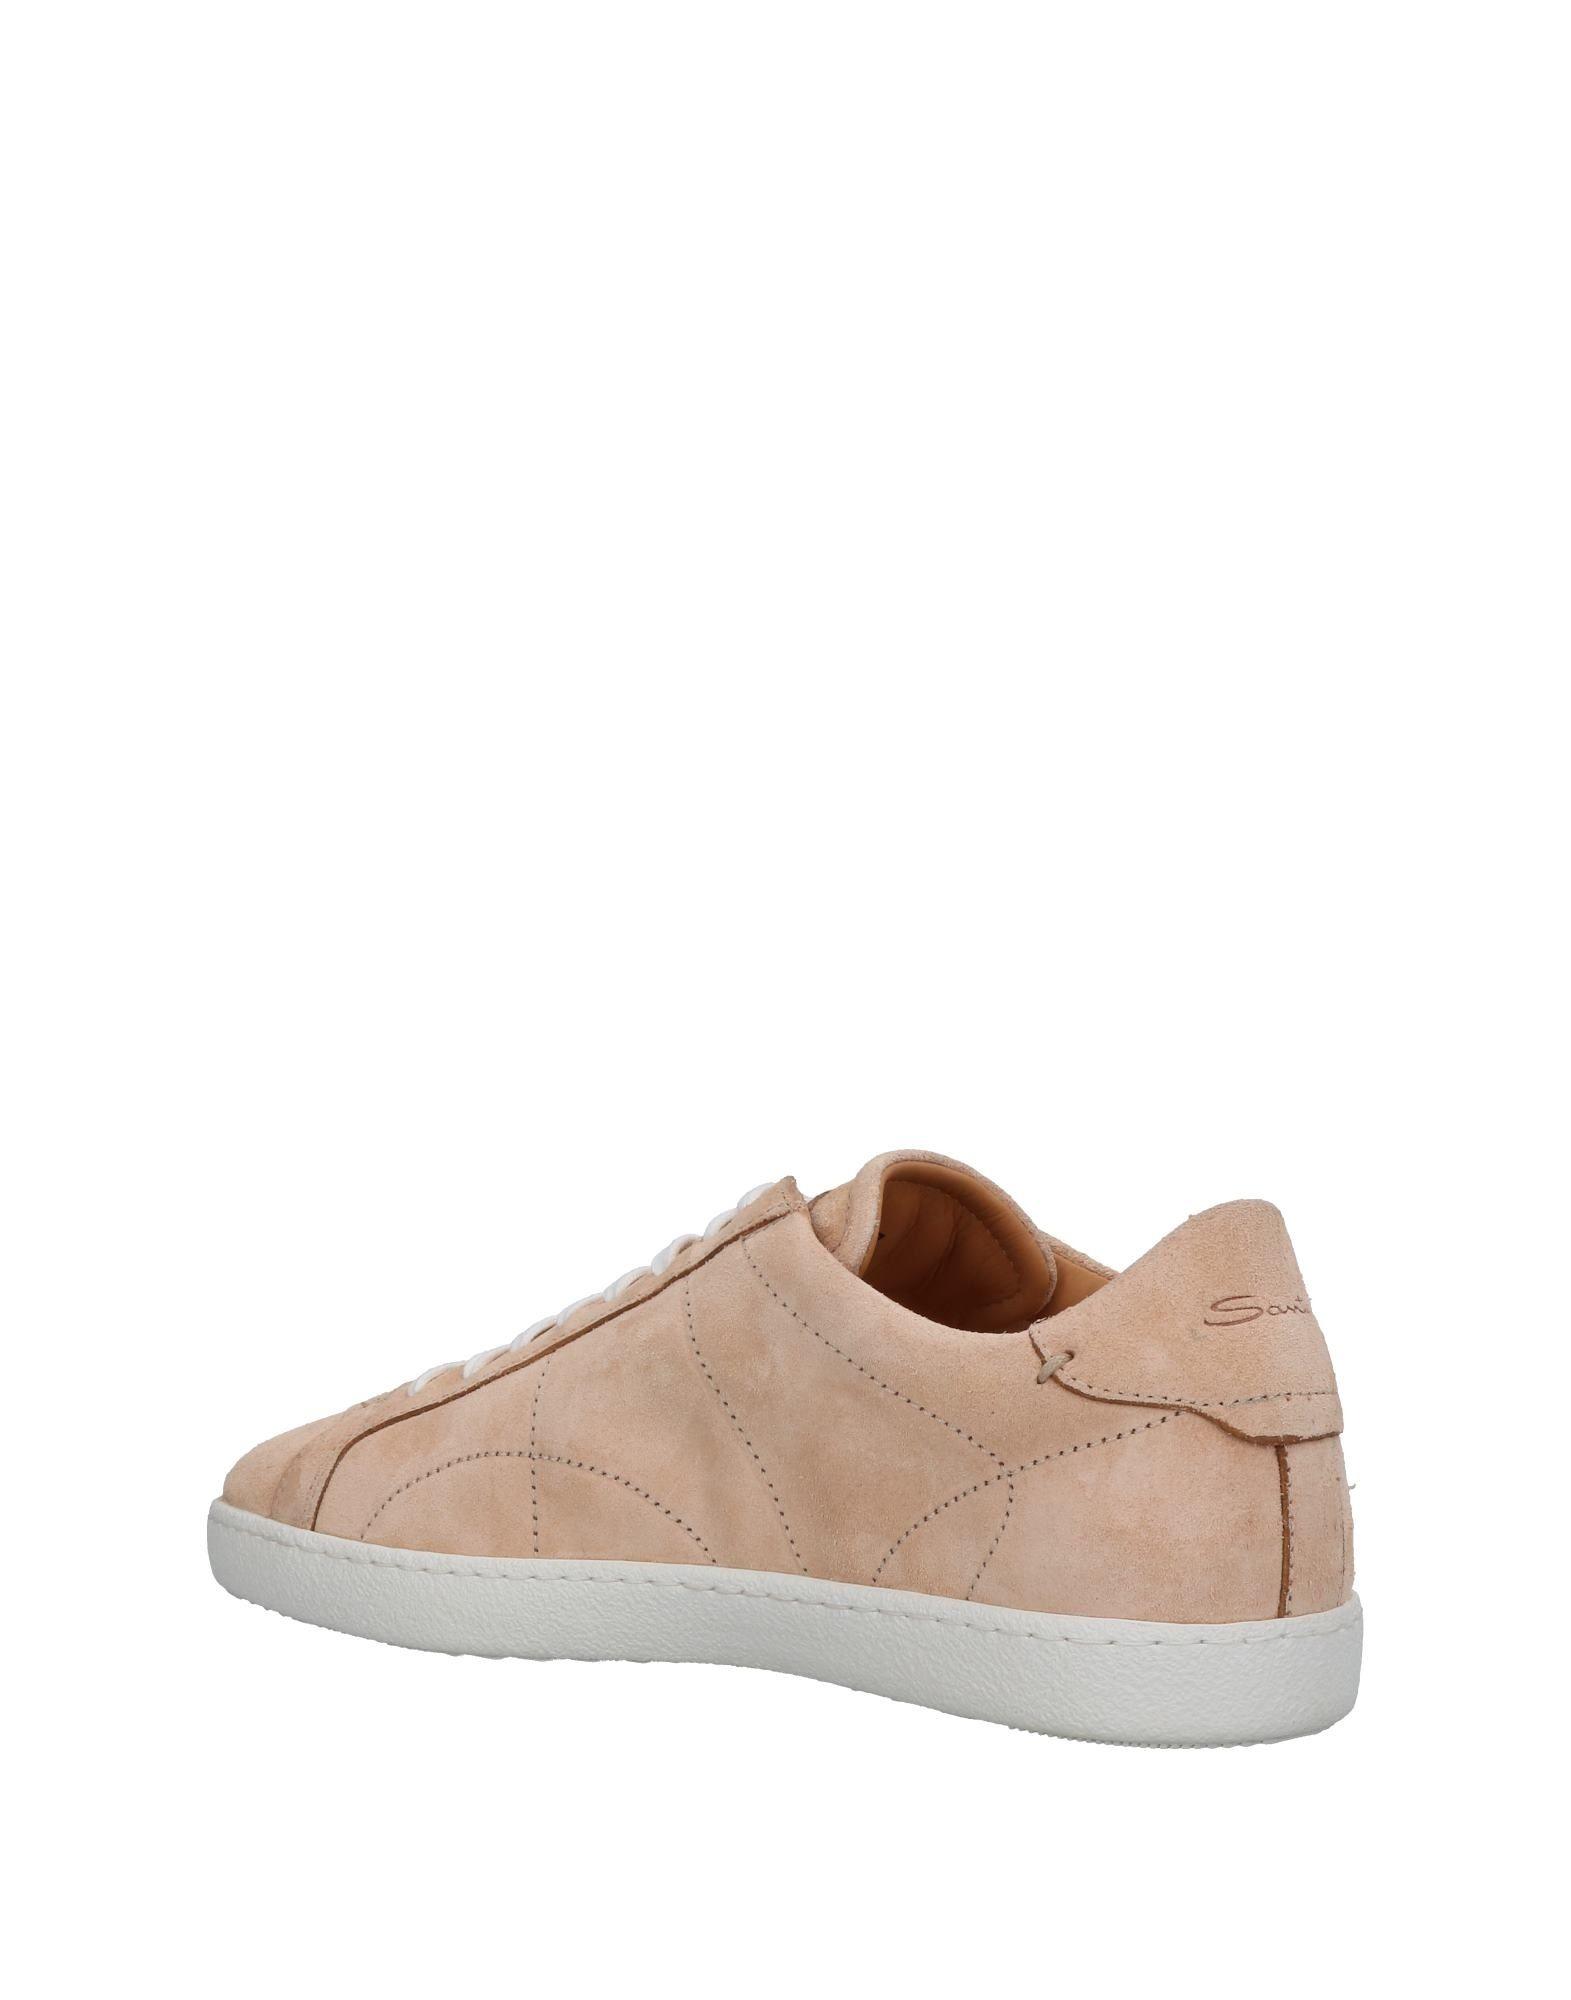 Santoni Sneakers Herren Herren Sneakers  11410848QM e56a35